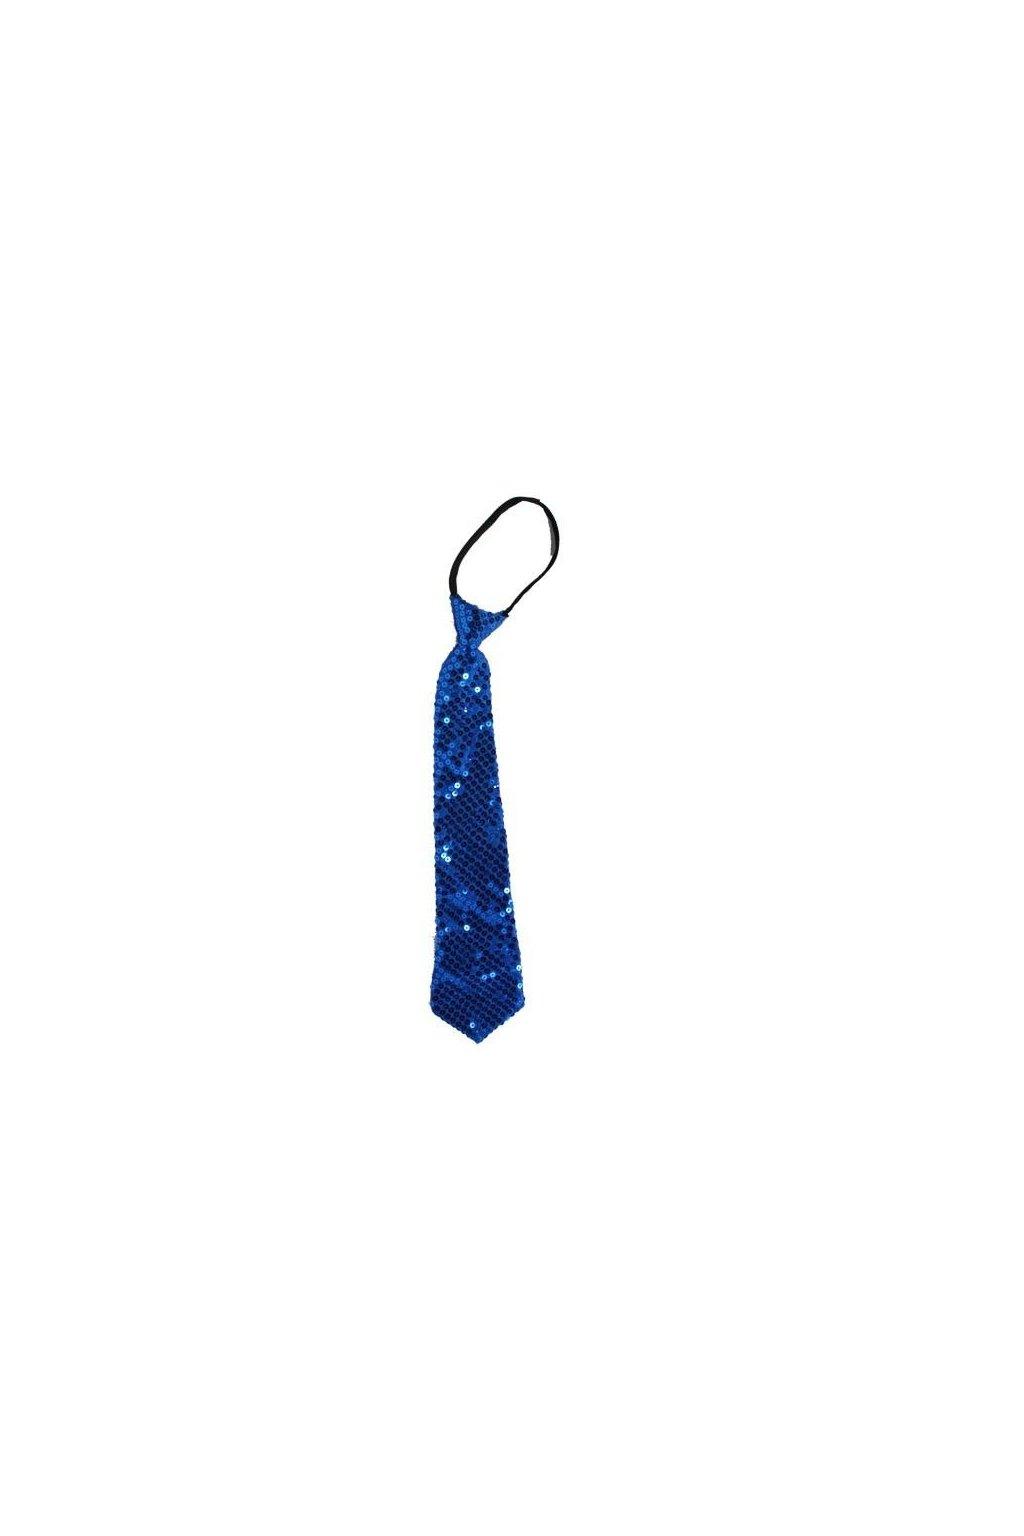 Luxusní flitrovaná kravata - MODRÁ